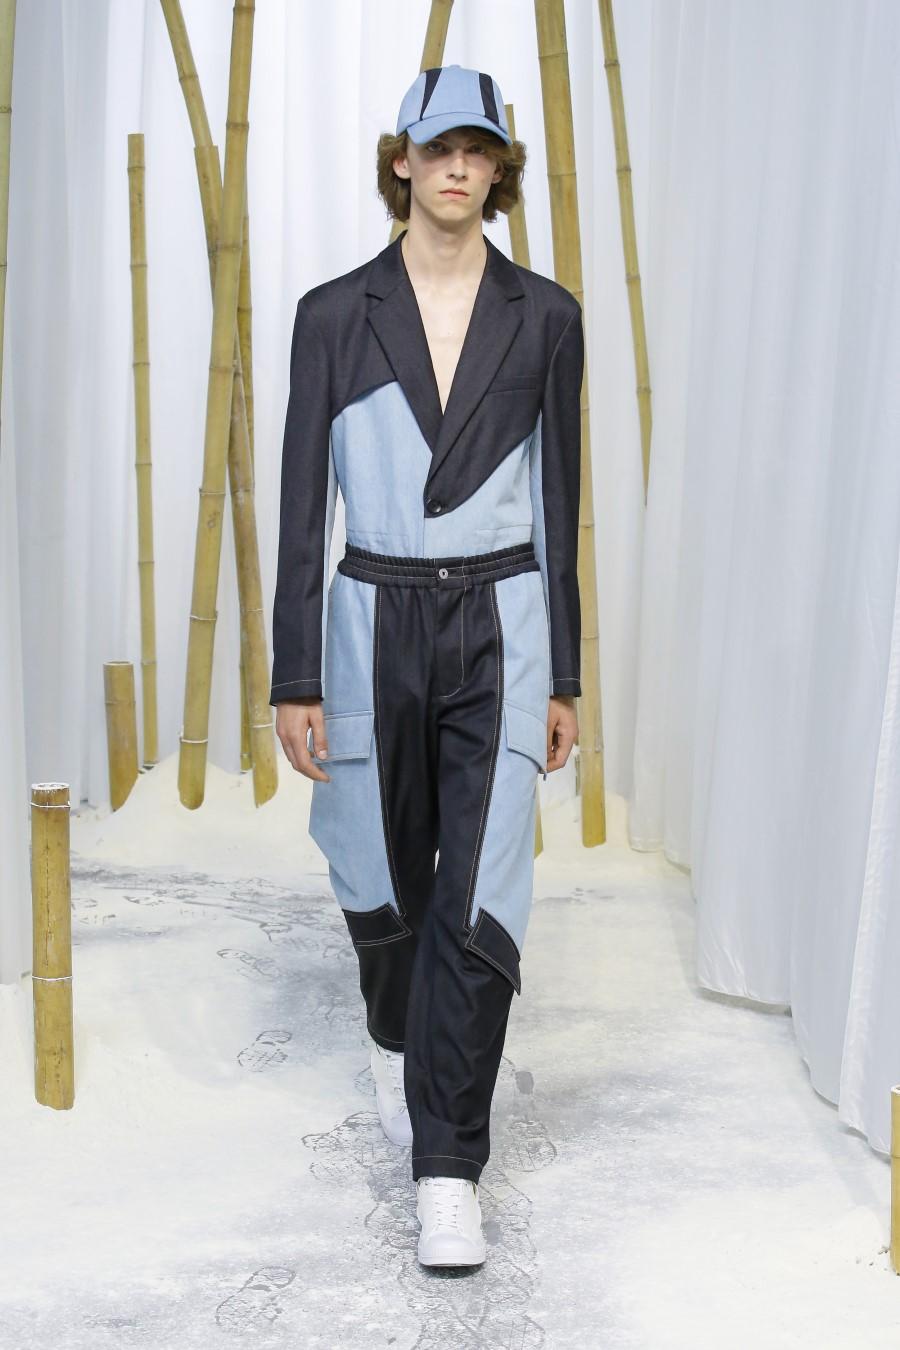 Feng Chen Wang – Printemps/Été 2020 – London Fashion Week Men's